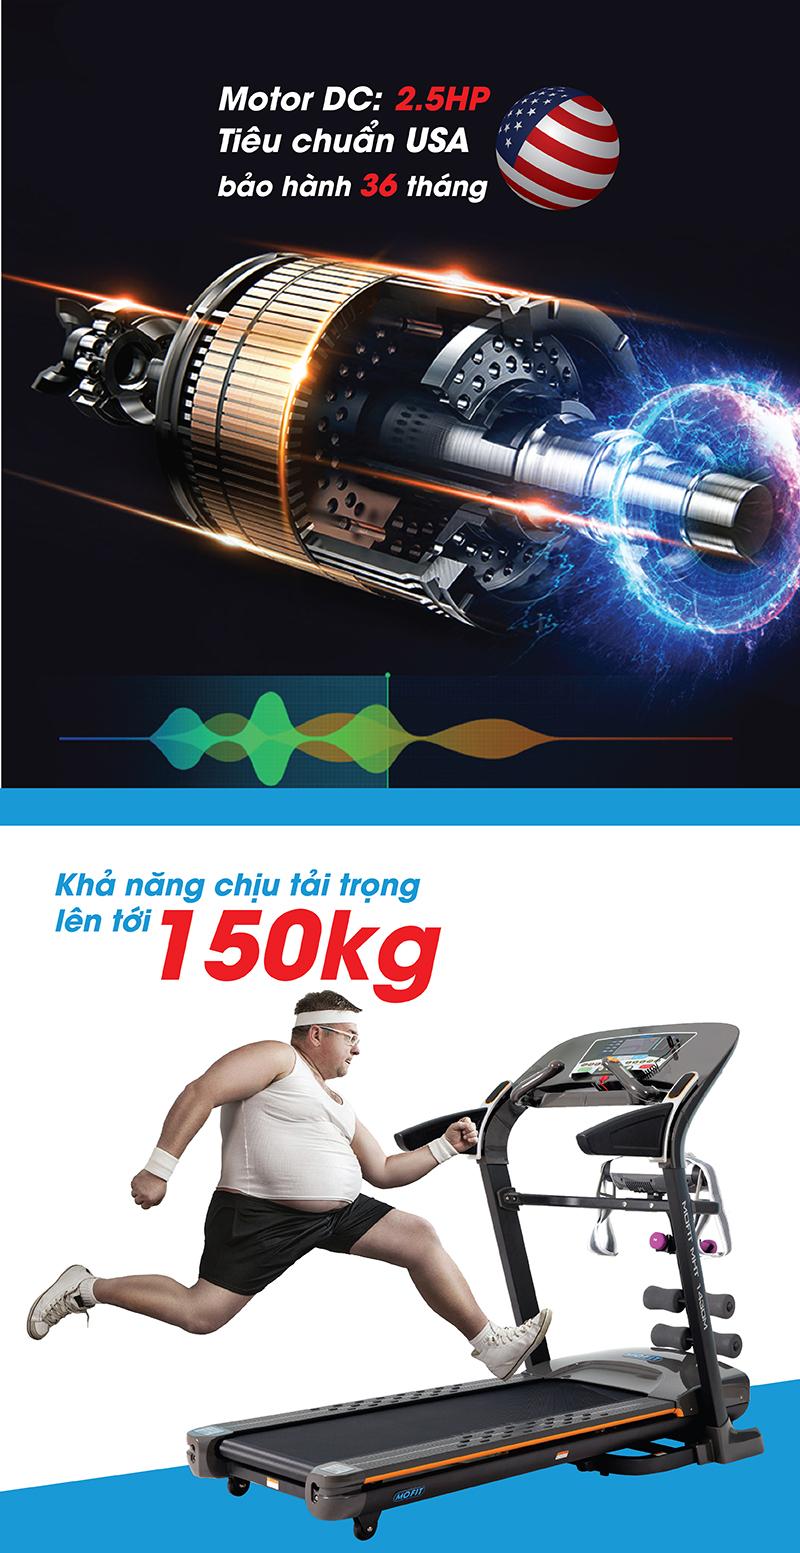 Động cơ mạnh mẽ MHT 1430